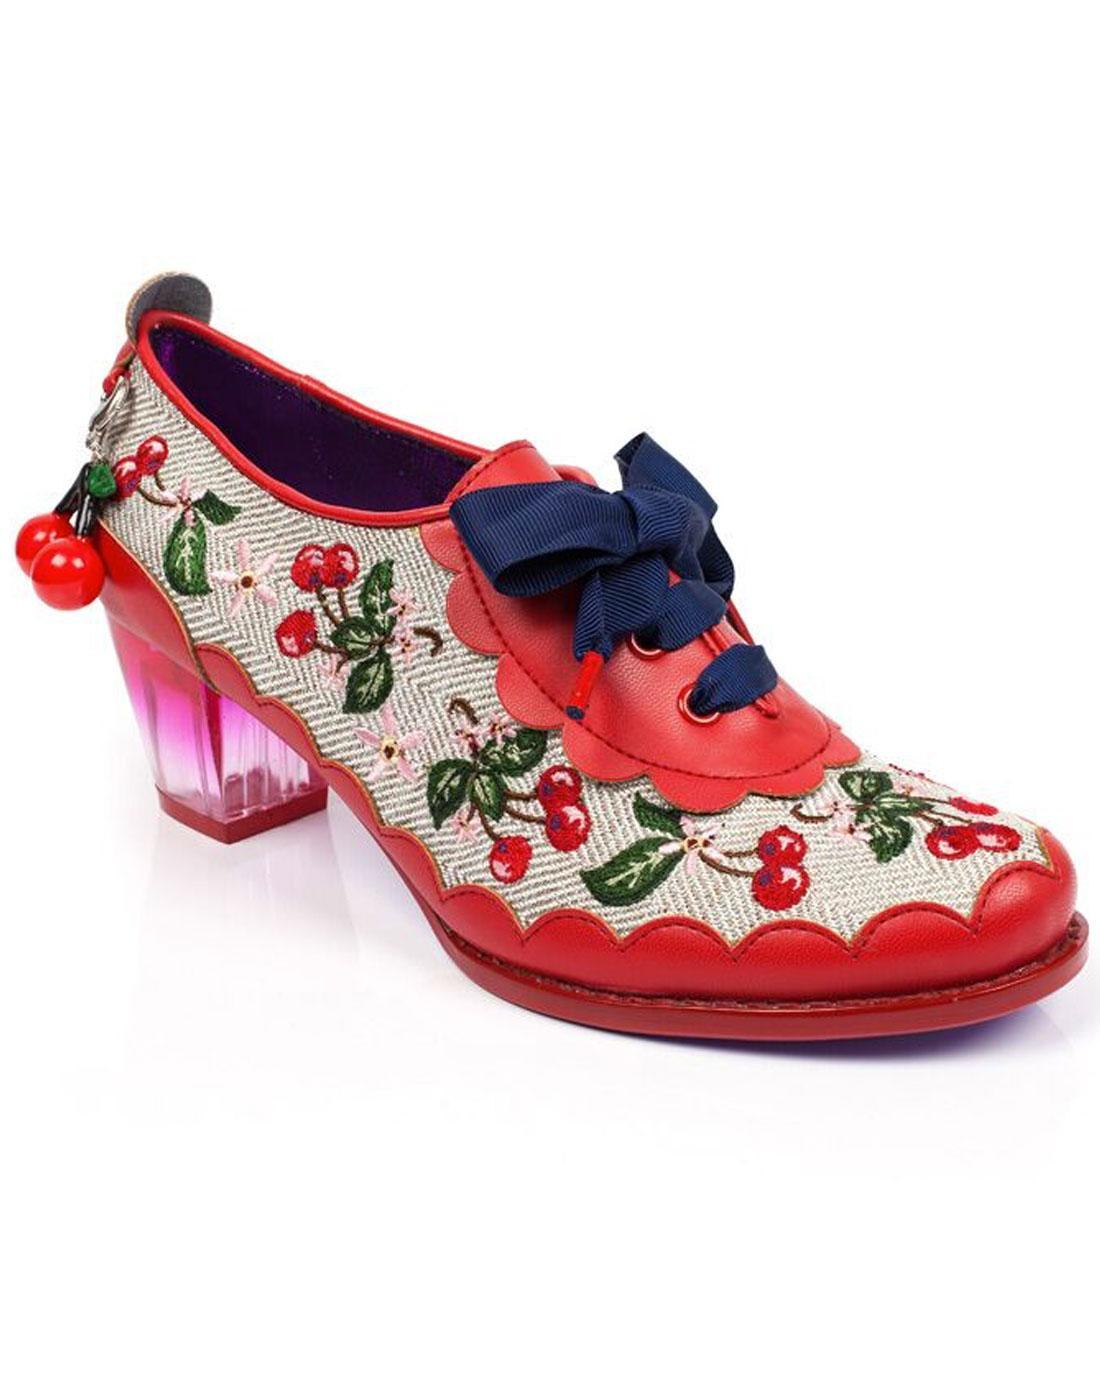 Cherry Fizz POETIC LICENCE Retro 1950s Heel Shoes